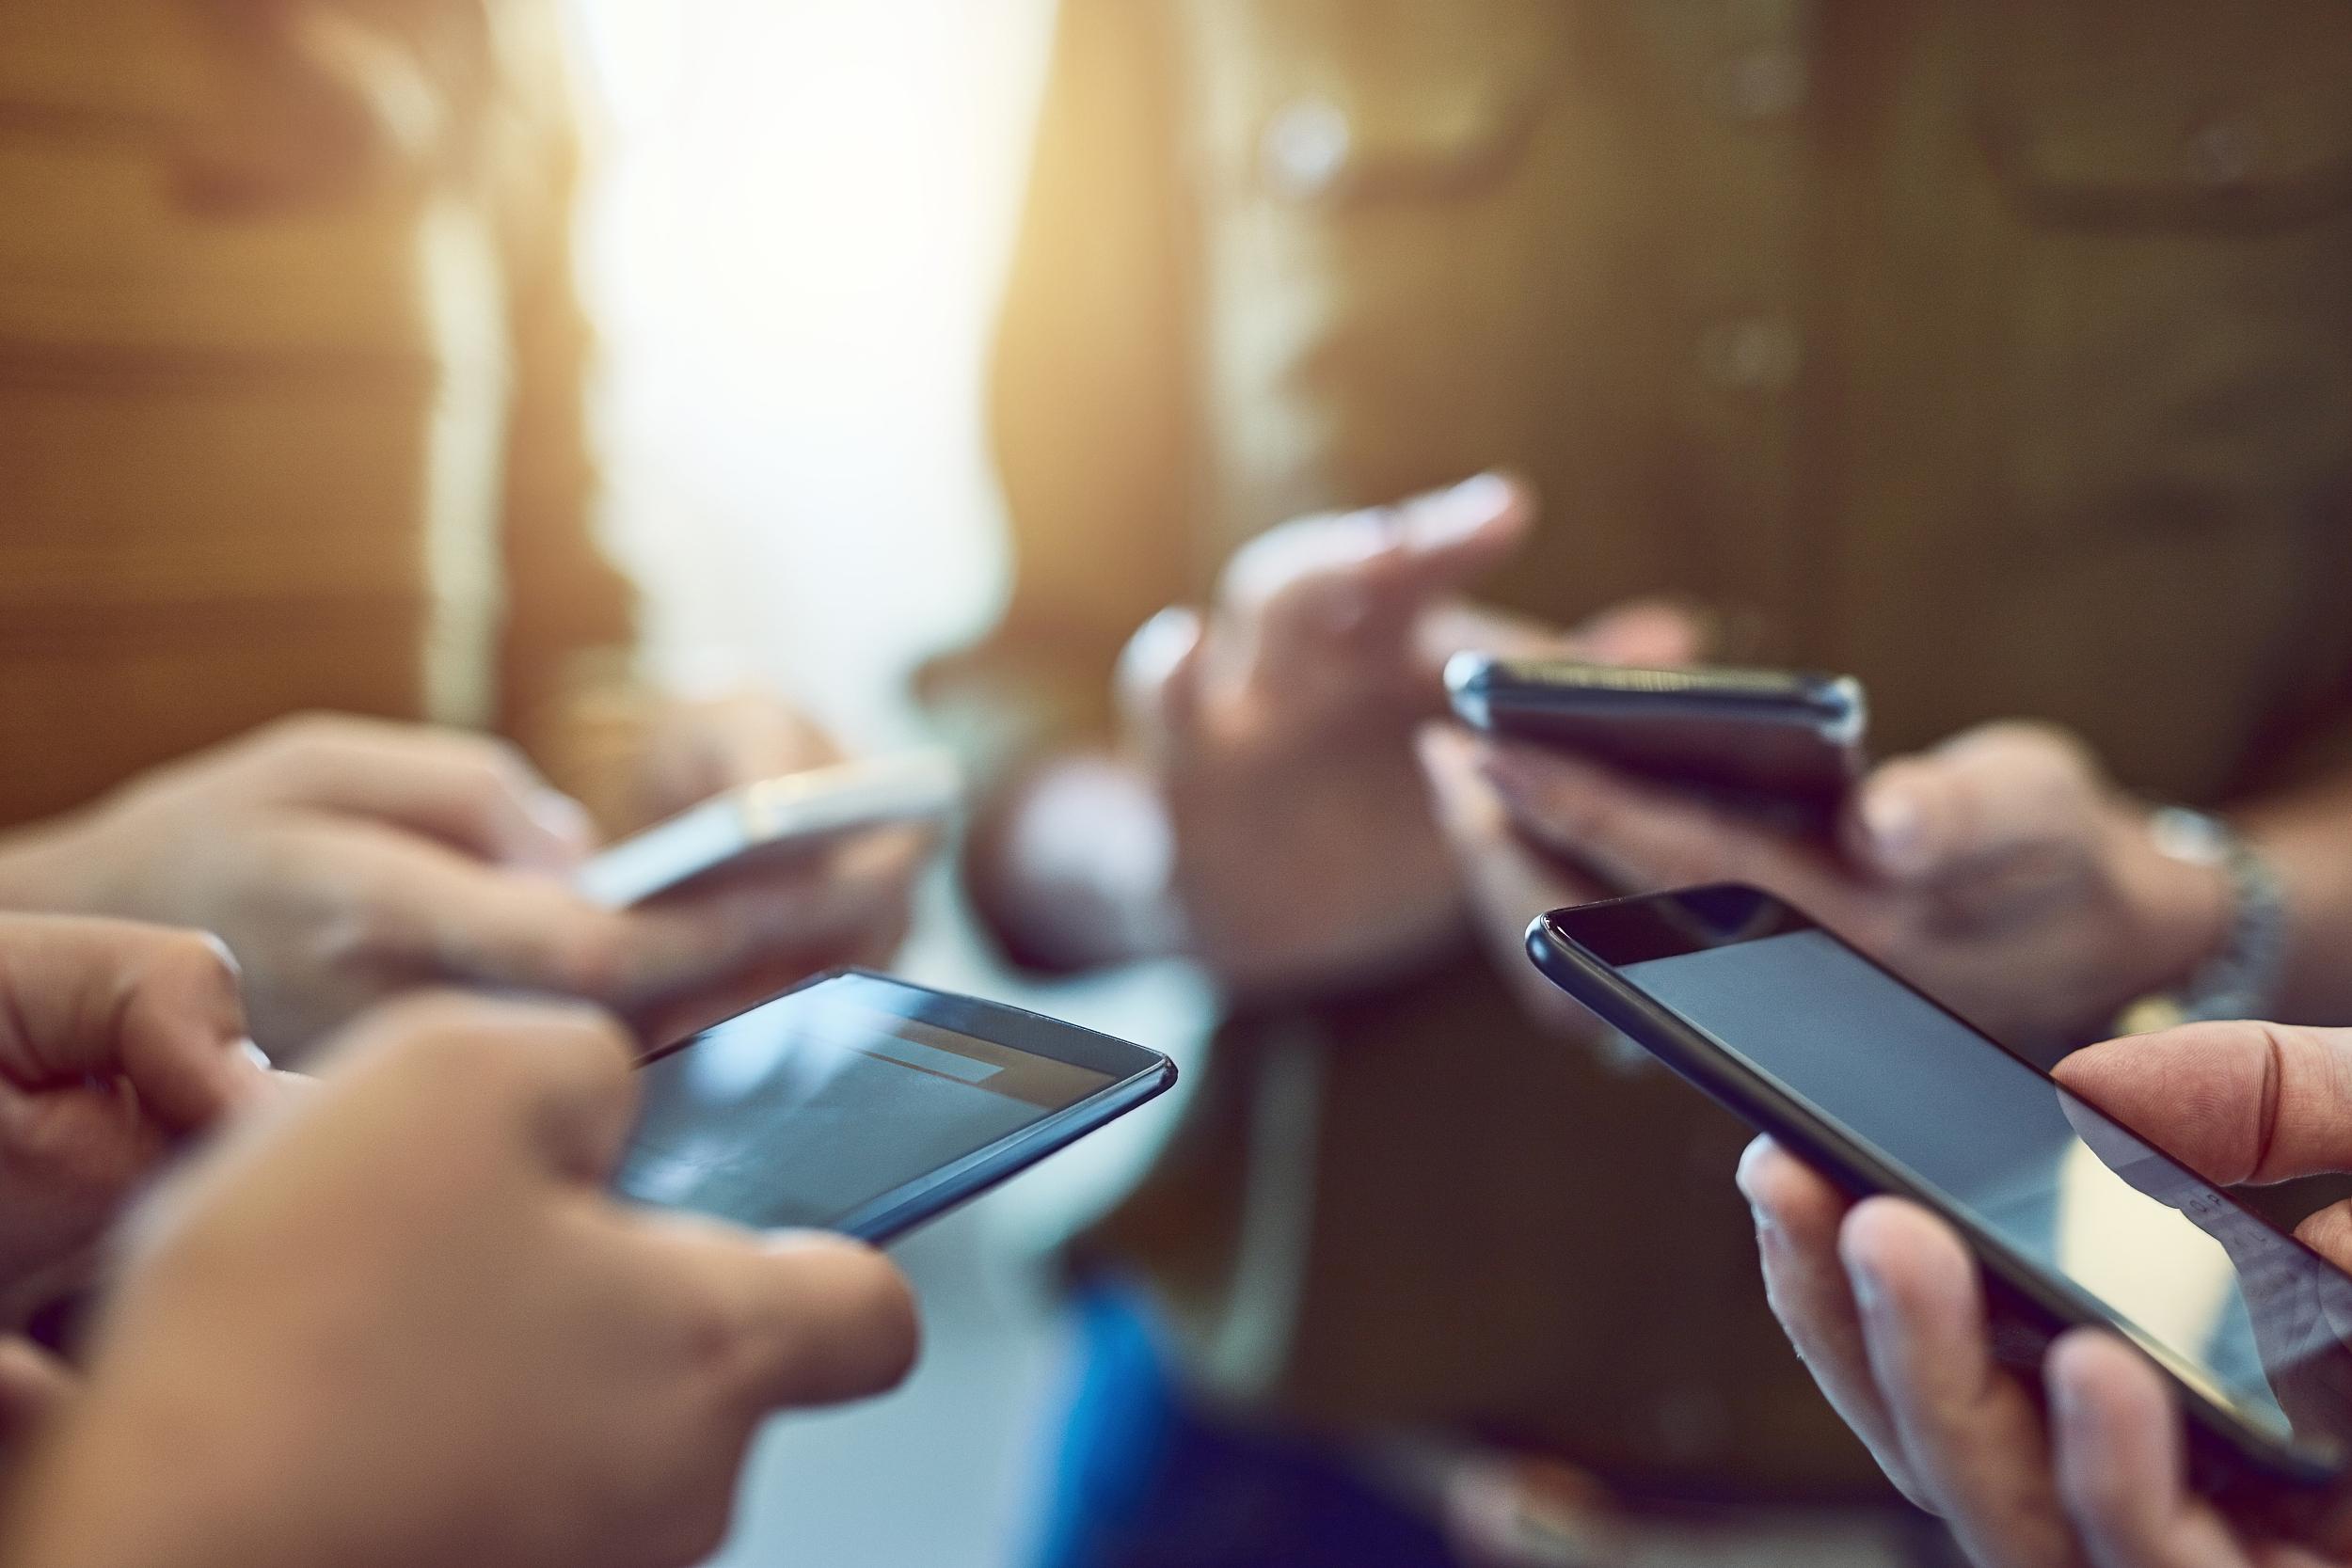 """免费送手机有""""陷阱"""" 消费者要多留心眼"""